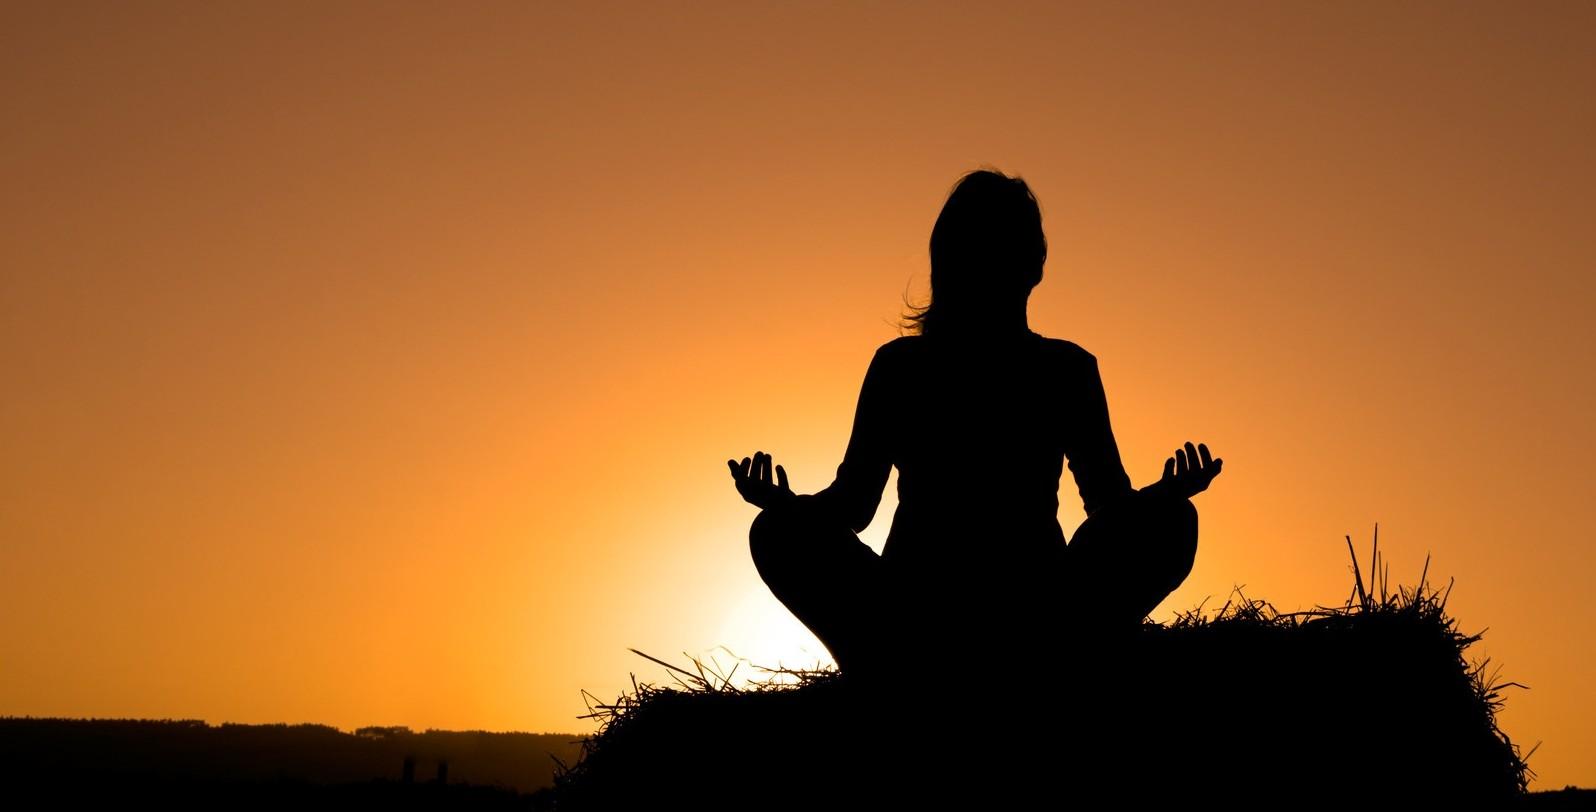 meditating-silhouette-e1448228974830